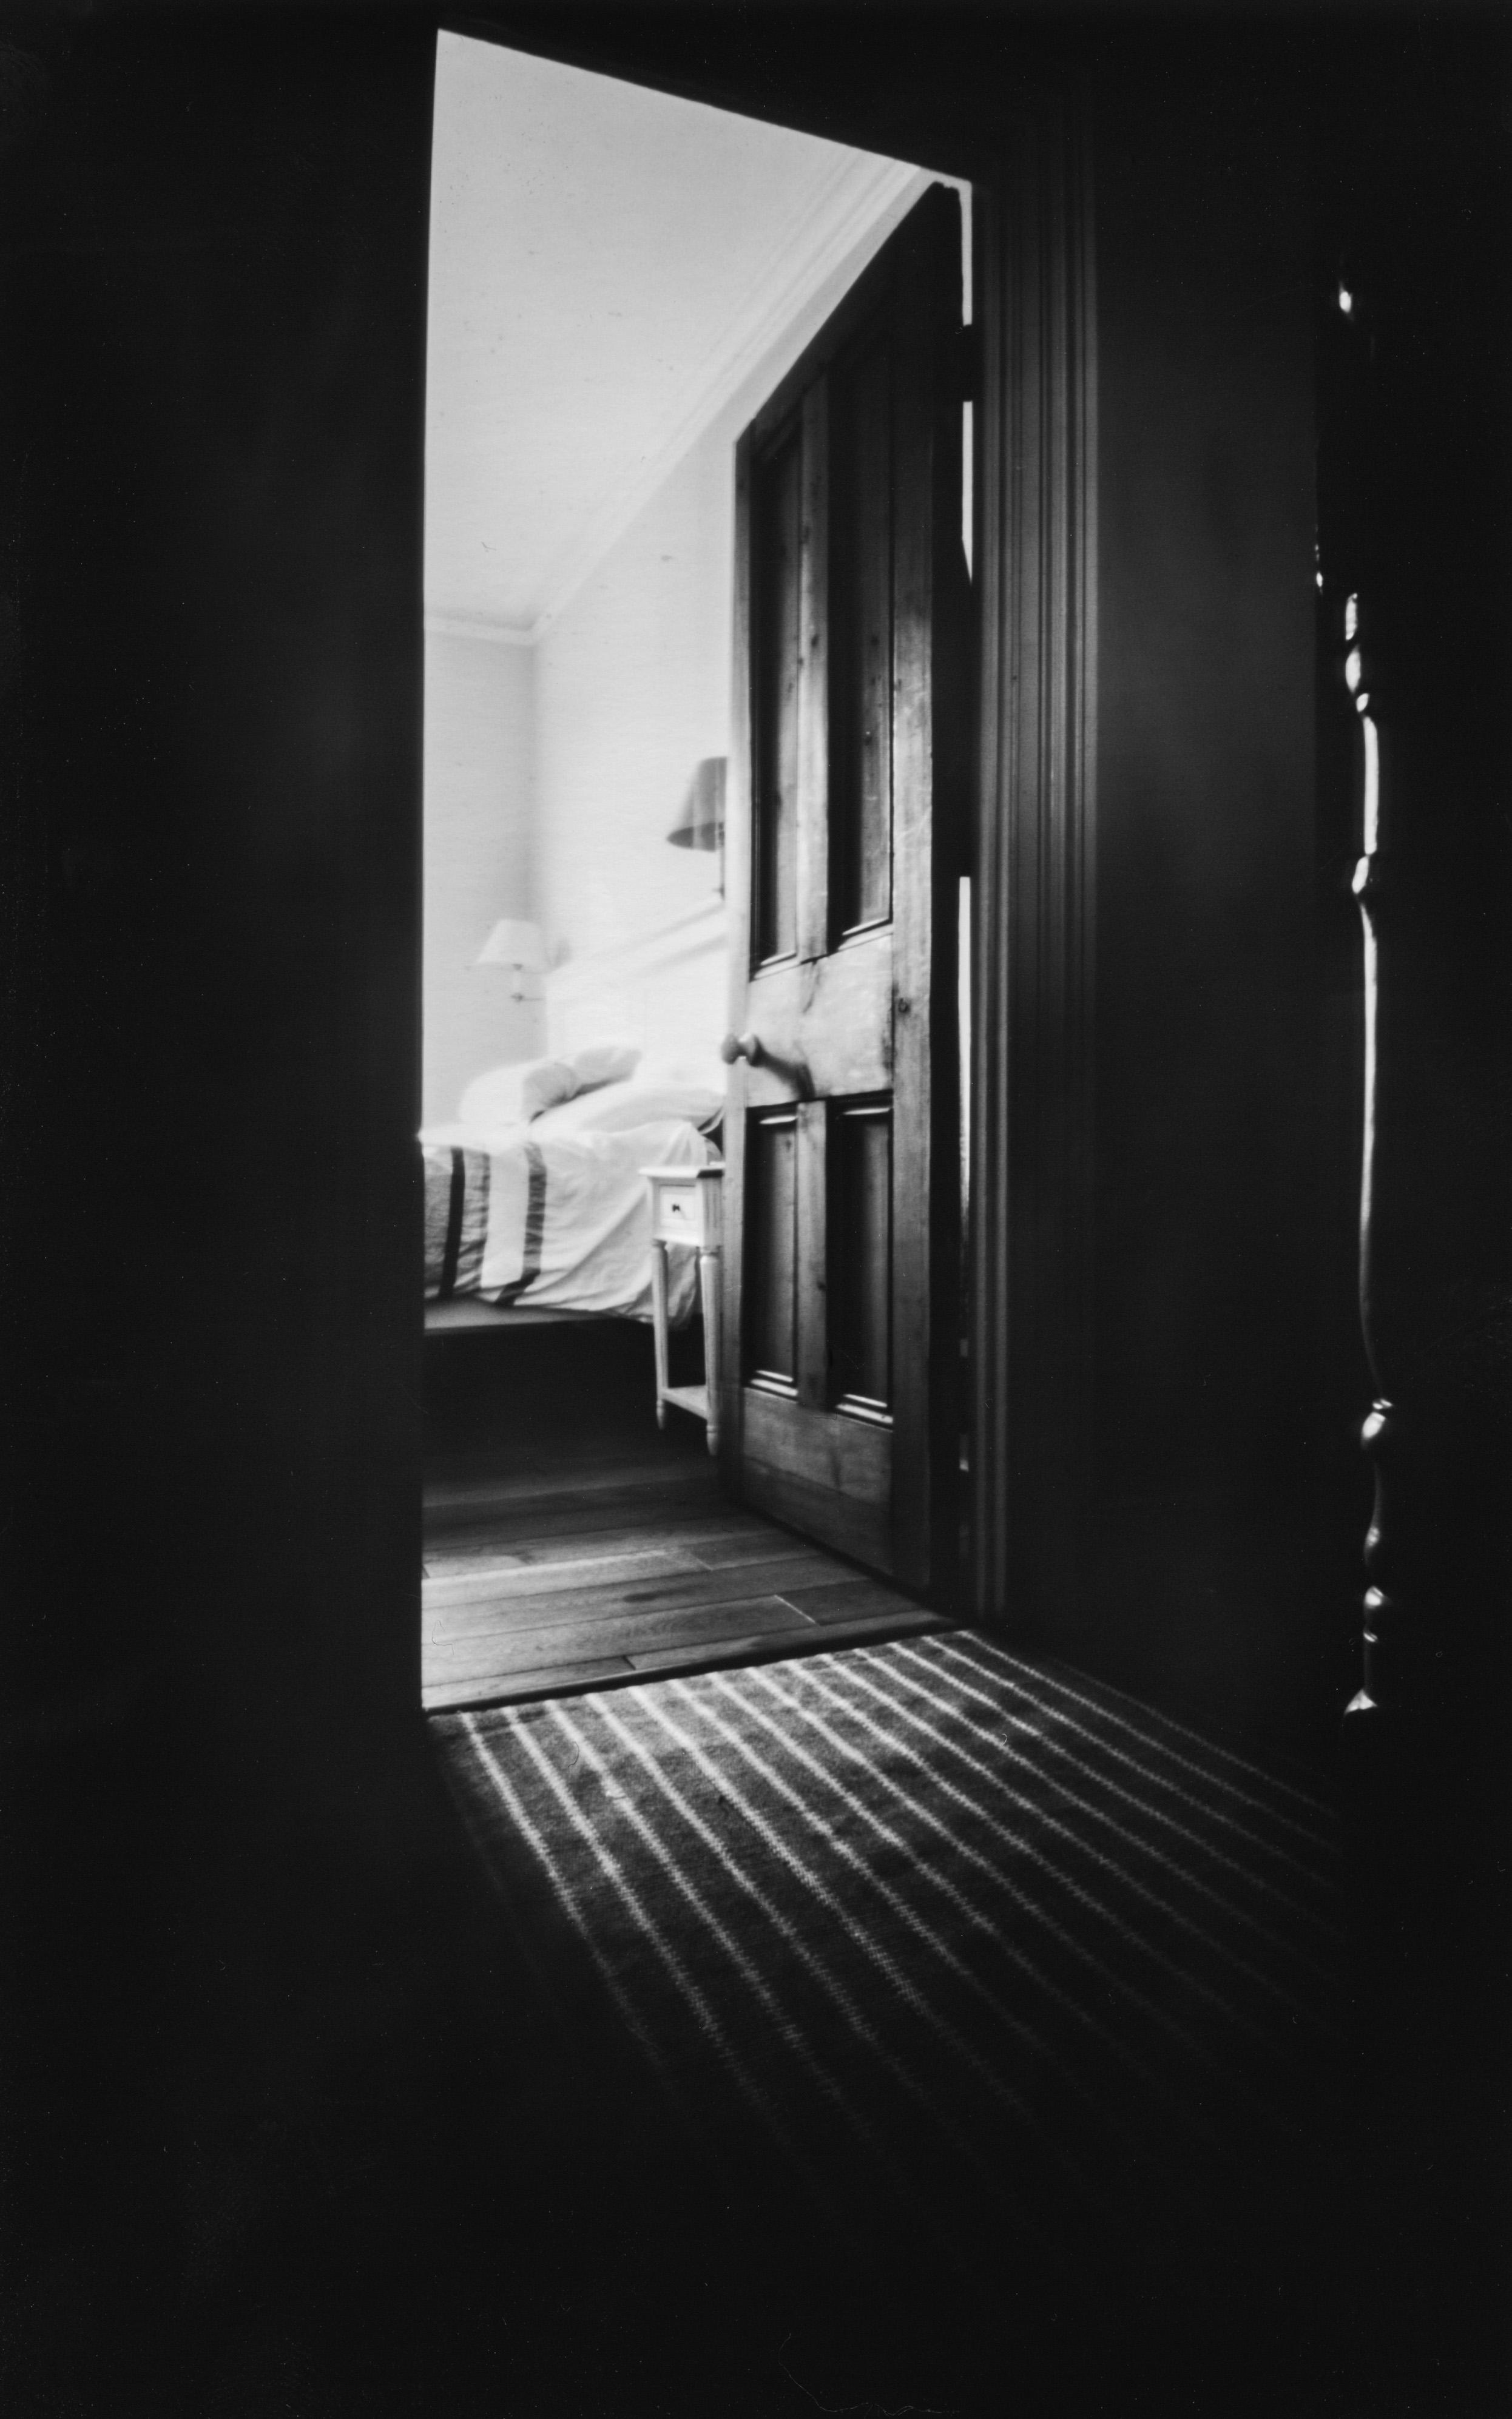 zbedroomdoor.jpg